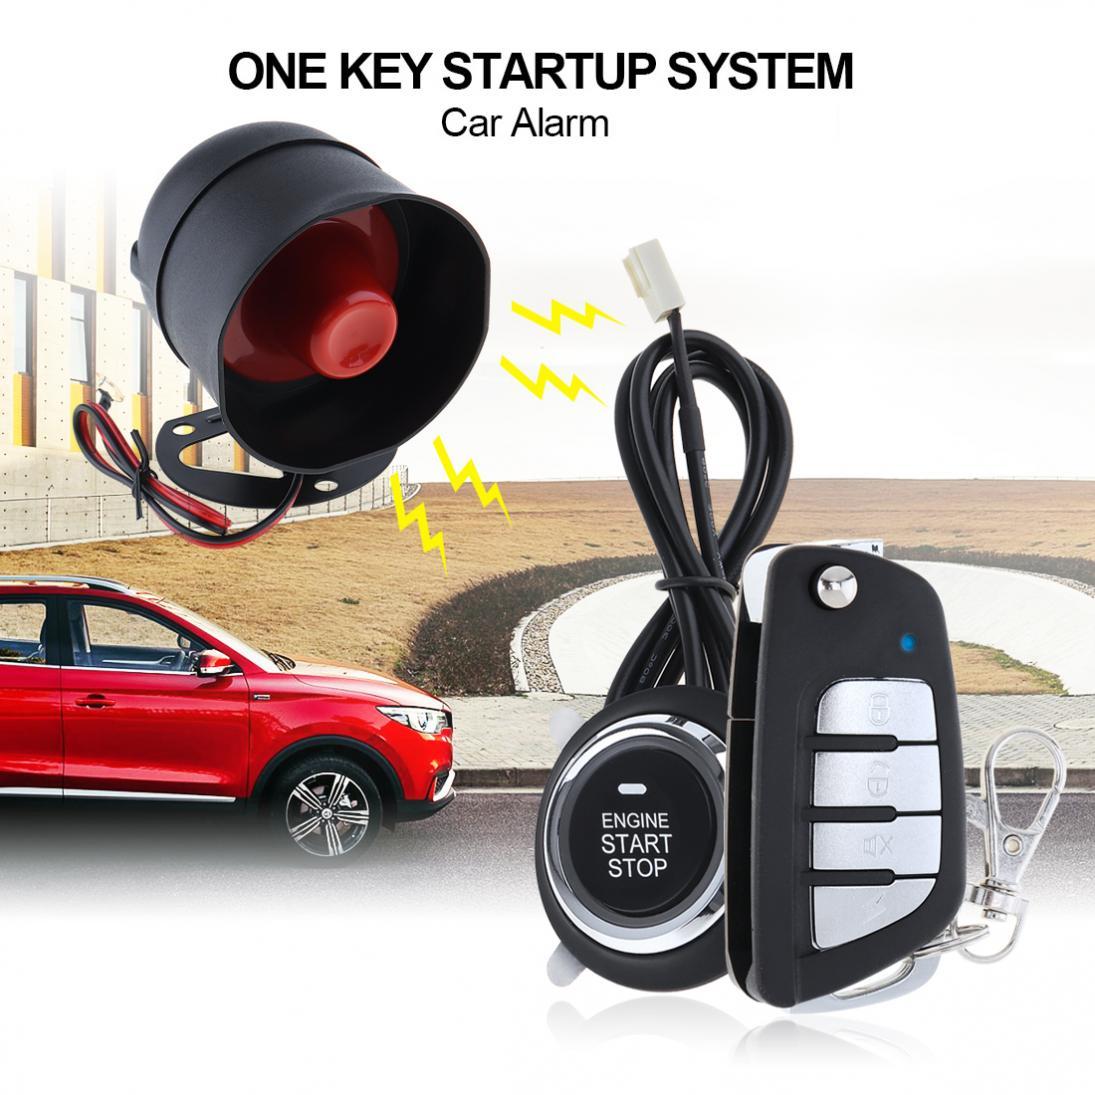 Système d'alarme de voiture universel ABS système de démarrage à distance automatique avec verrouillage Central automatique et entrée sans clé 5A avec clé 3